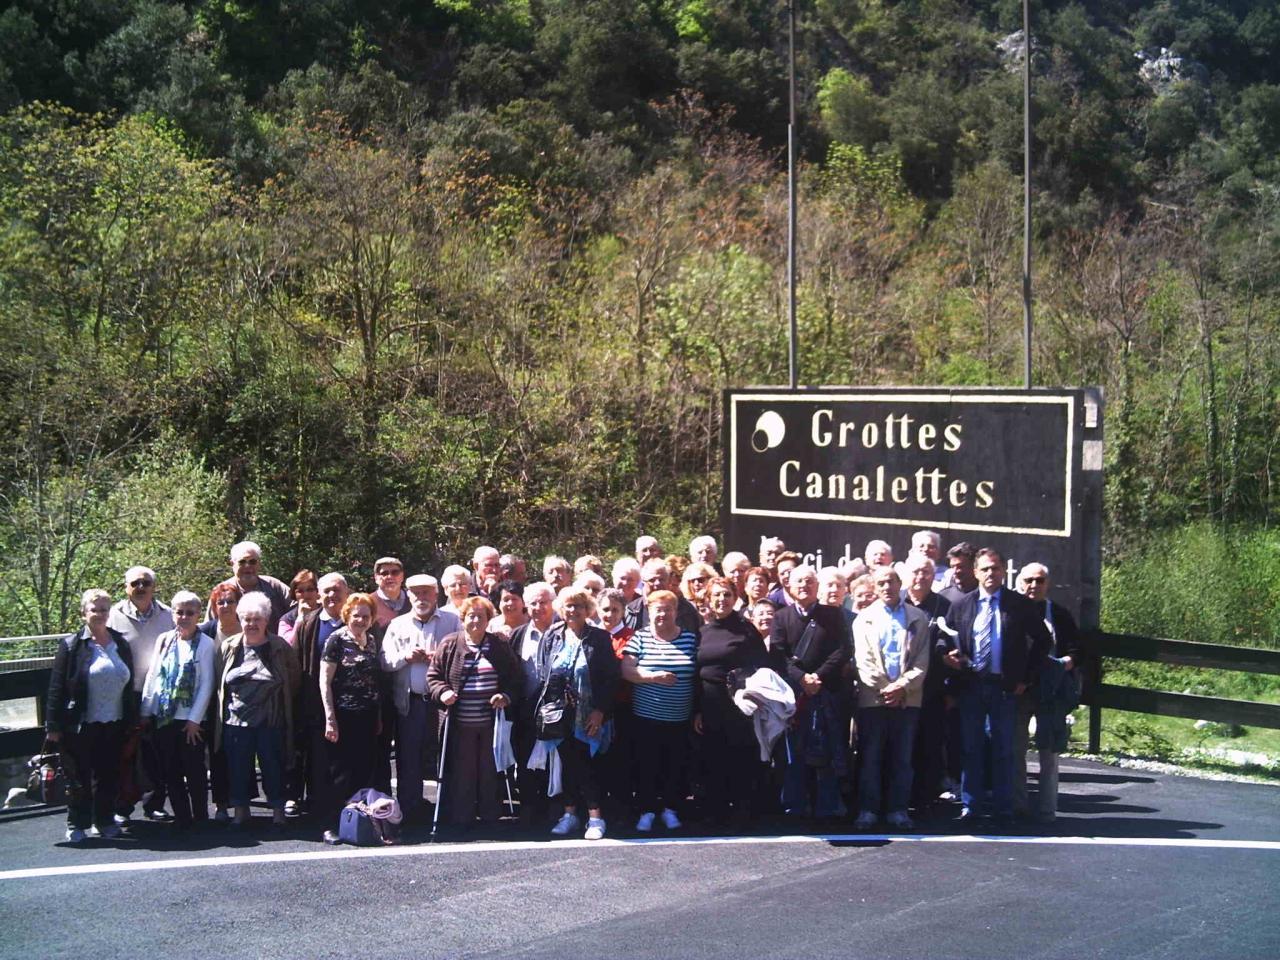 VOYAGE 2012  Costabrava/Andore - Grottes de Canalettes